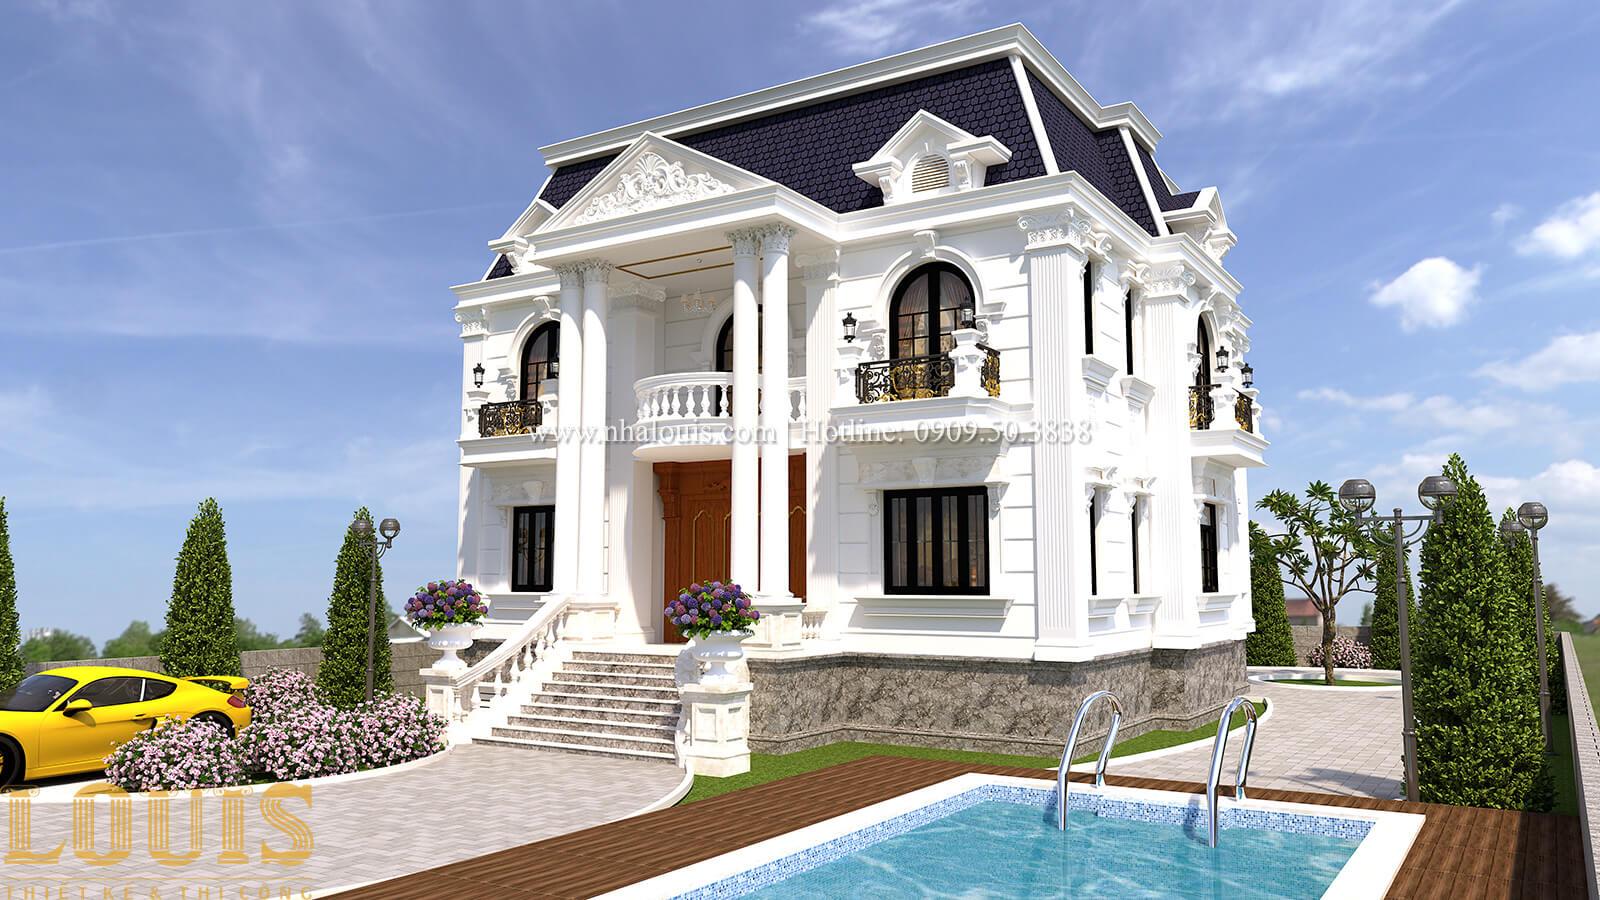 Mặt tiền Mẫu nhà biệt thự 3 tầng đẹp có hồ bơi sân vườn tại Biên Hòa - 07